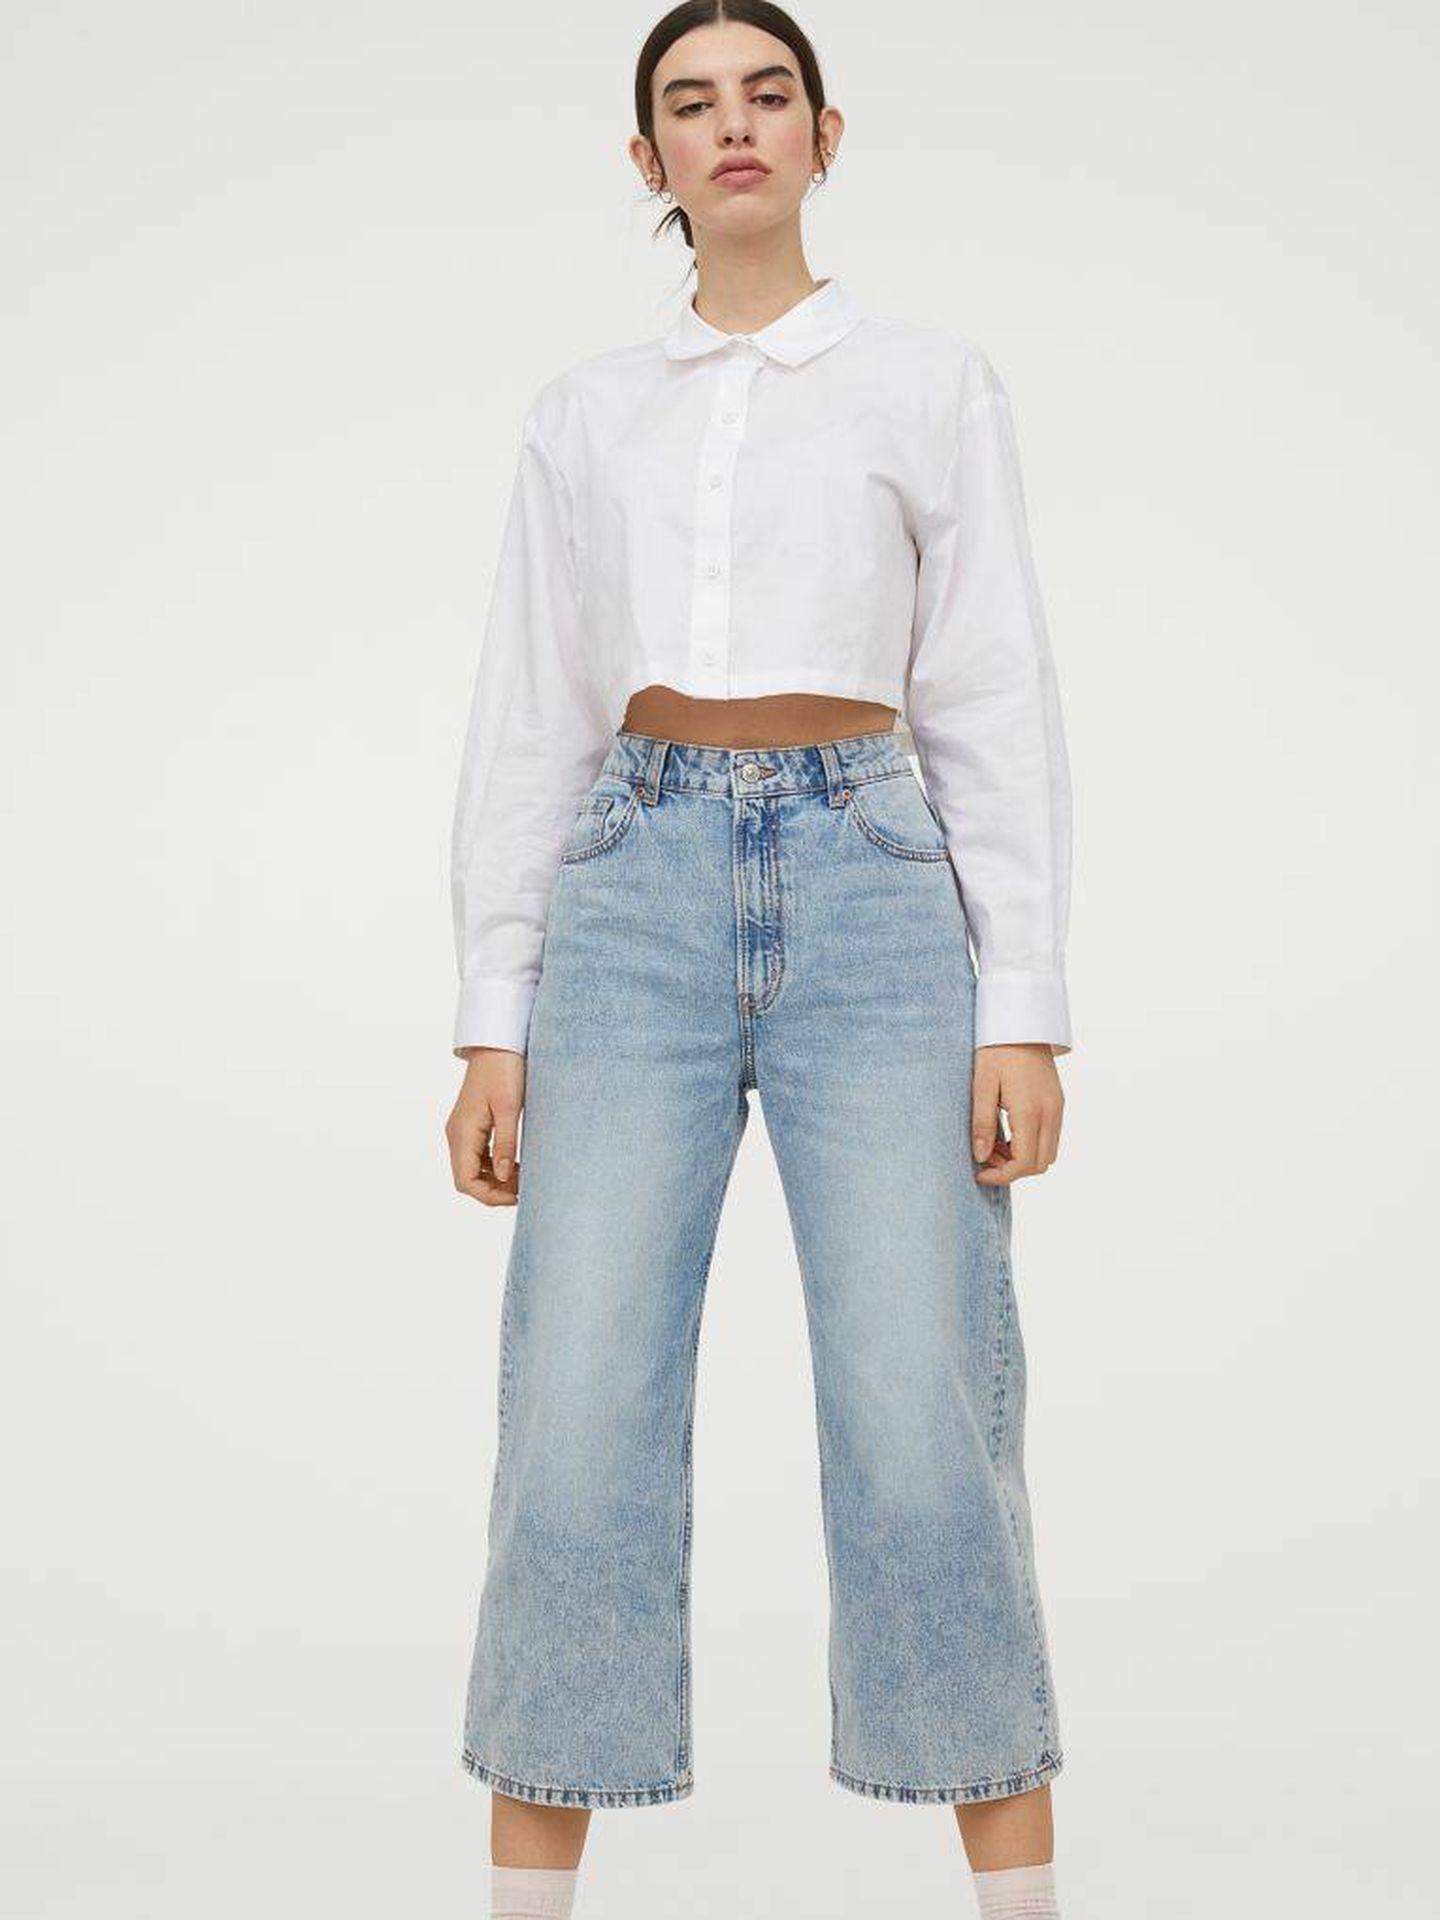 Los pantalones vaqueros culotte de HyM. (Cortesía)